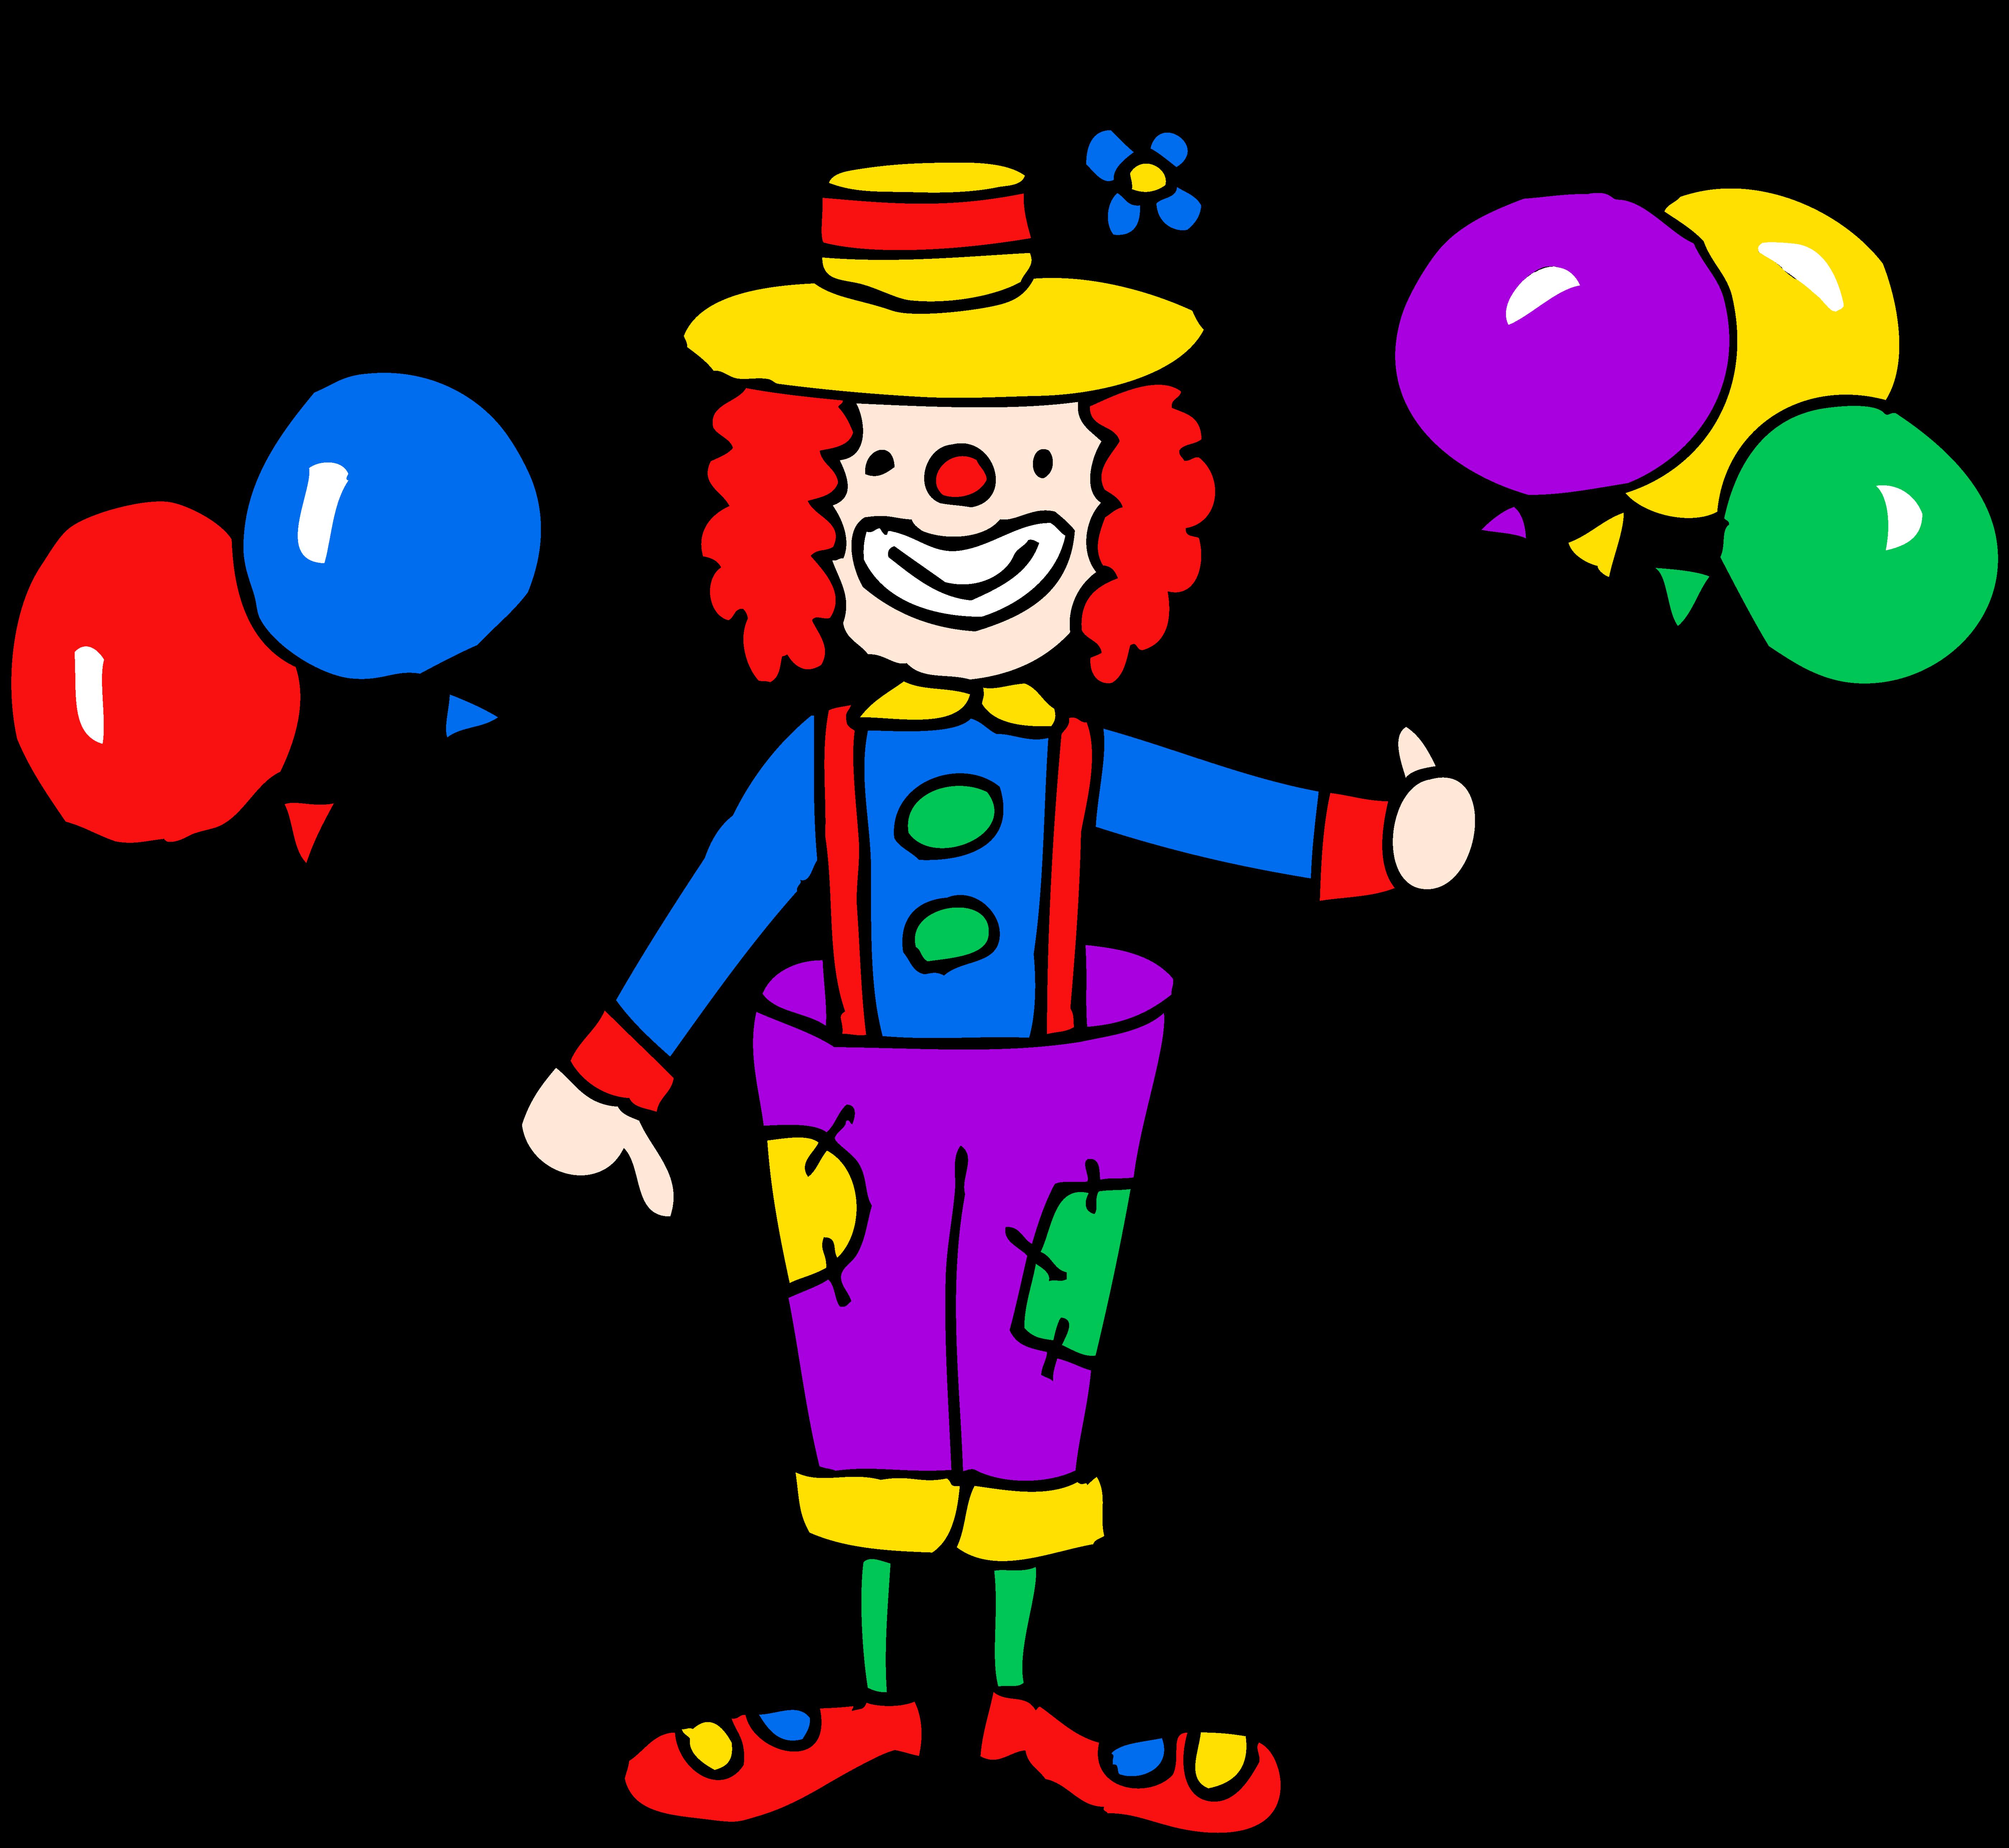 Clipart Clown.